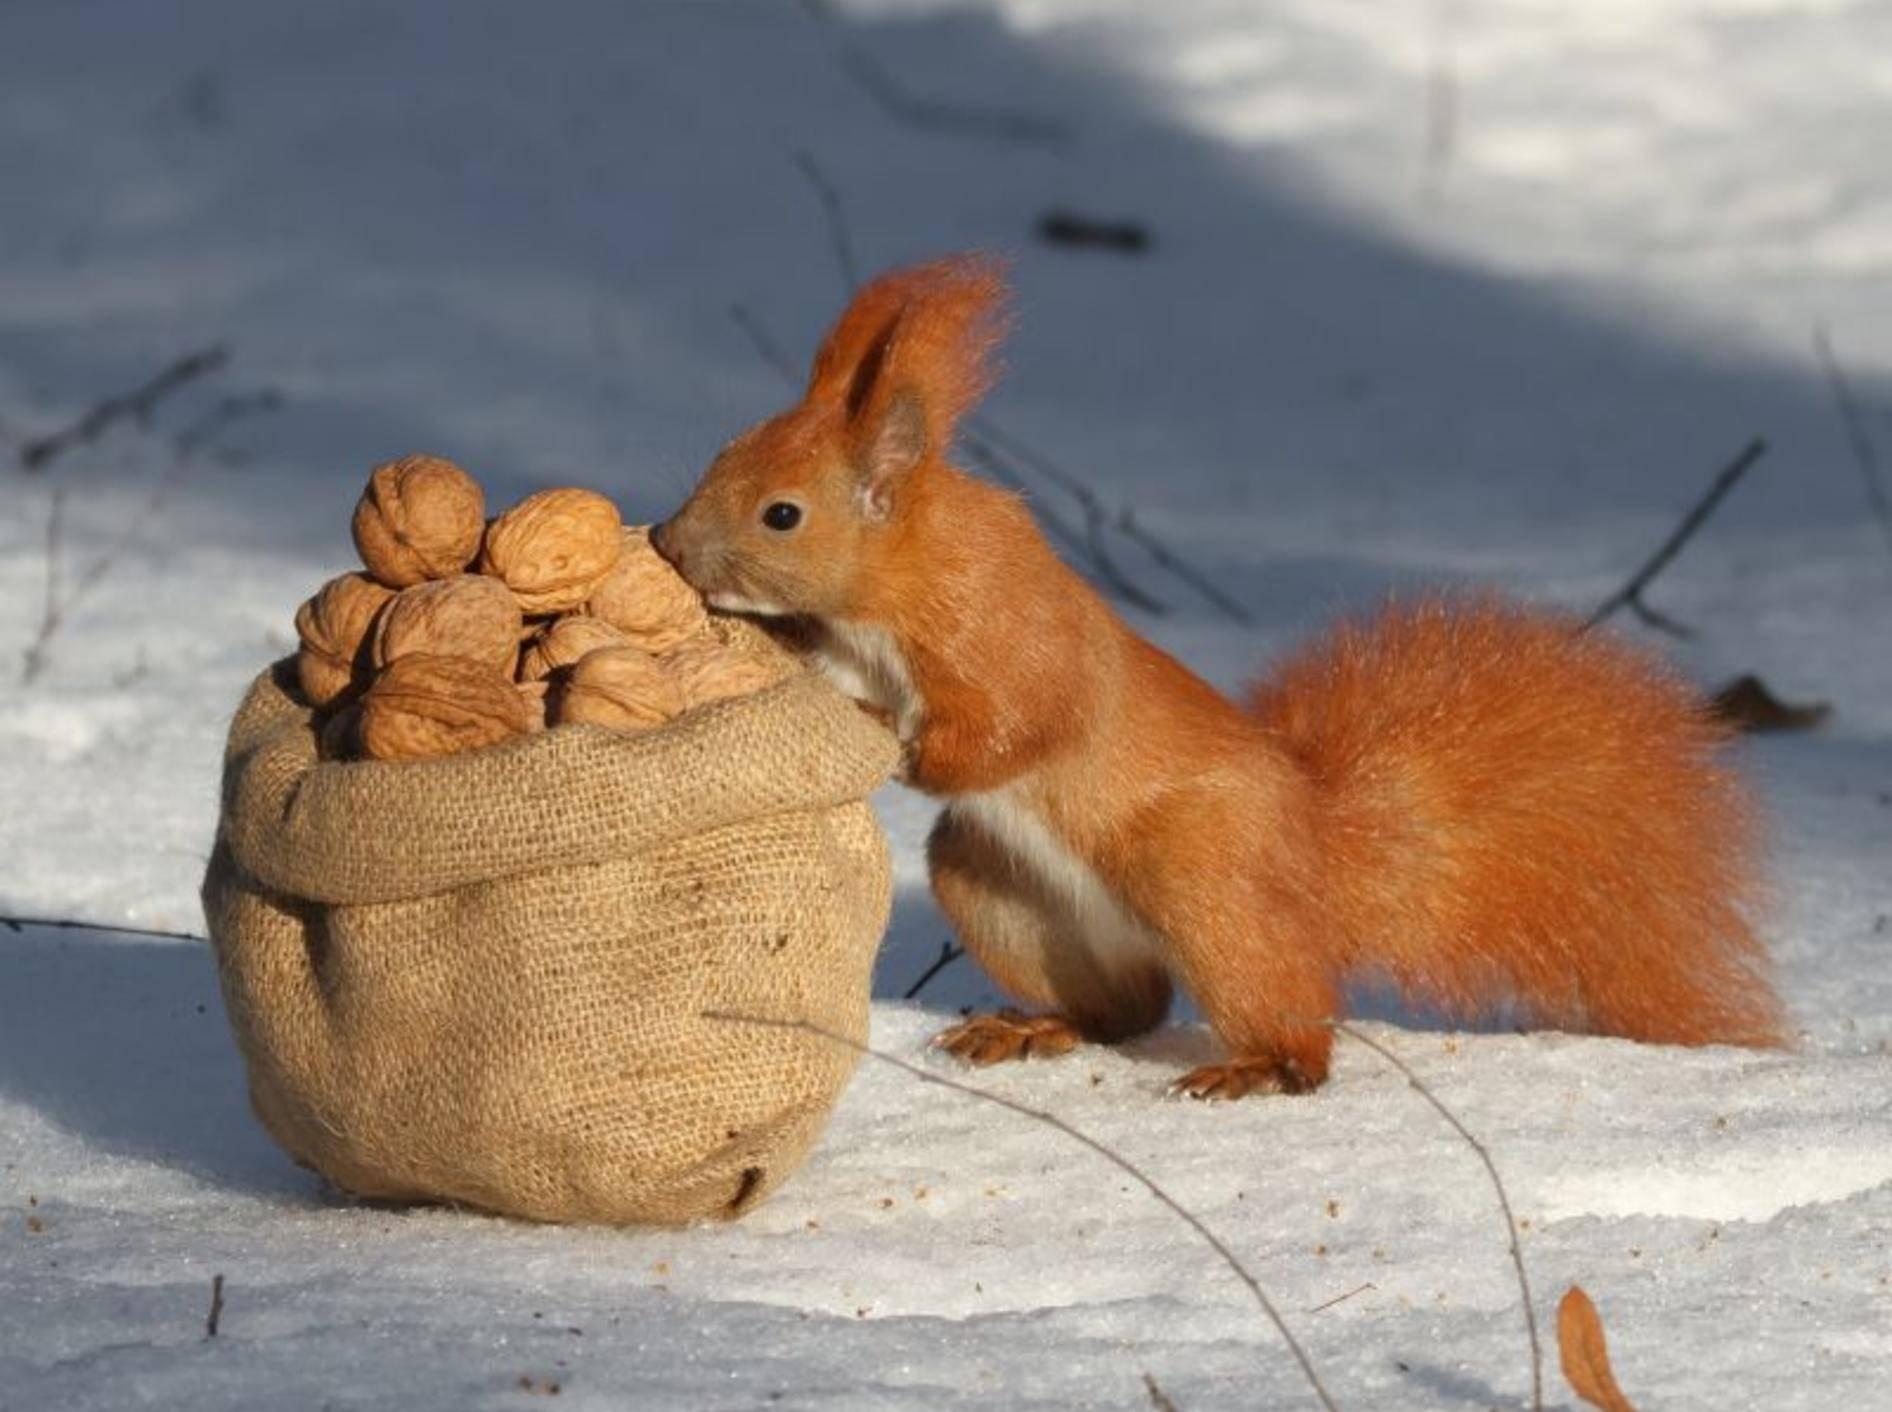 """Eichhörnchen im Winter: """"Diese Nüsse hatte ich aber nicht selber versteckt ..."""" – Bild: Shutterstock / FomaA"""